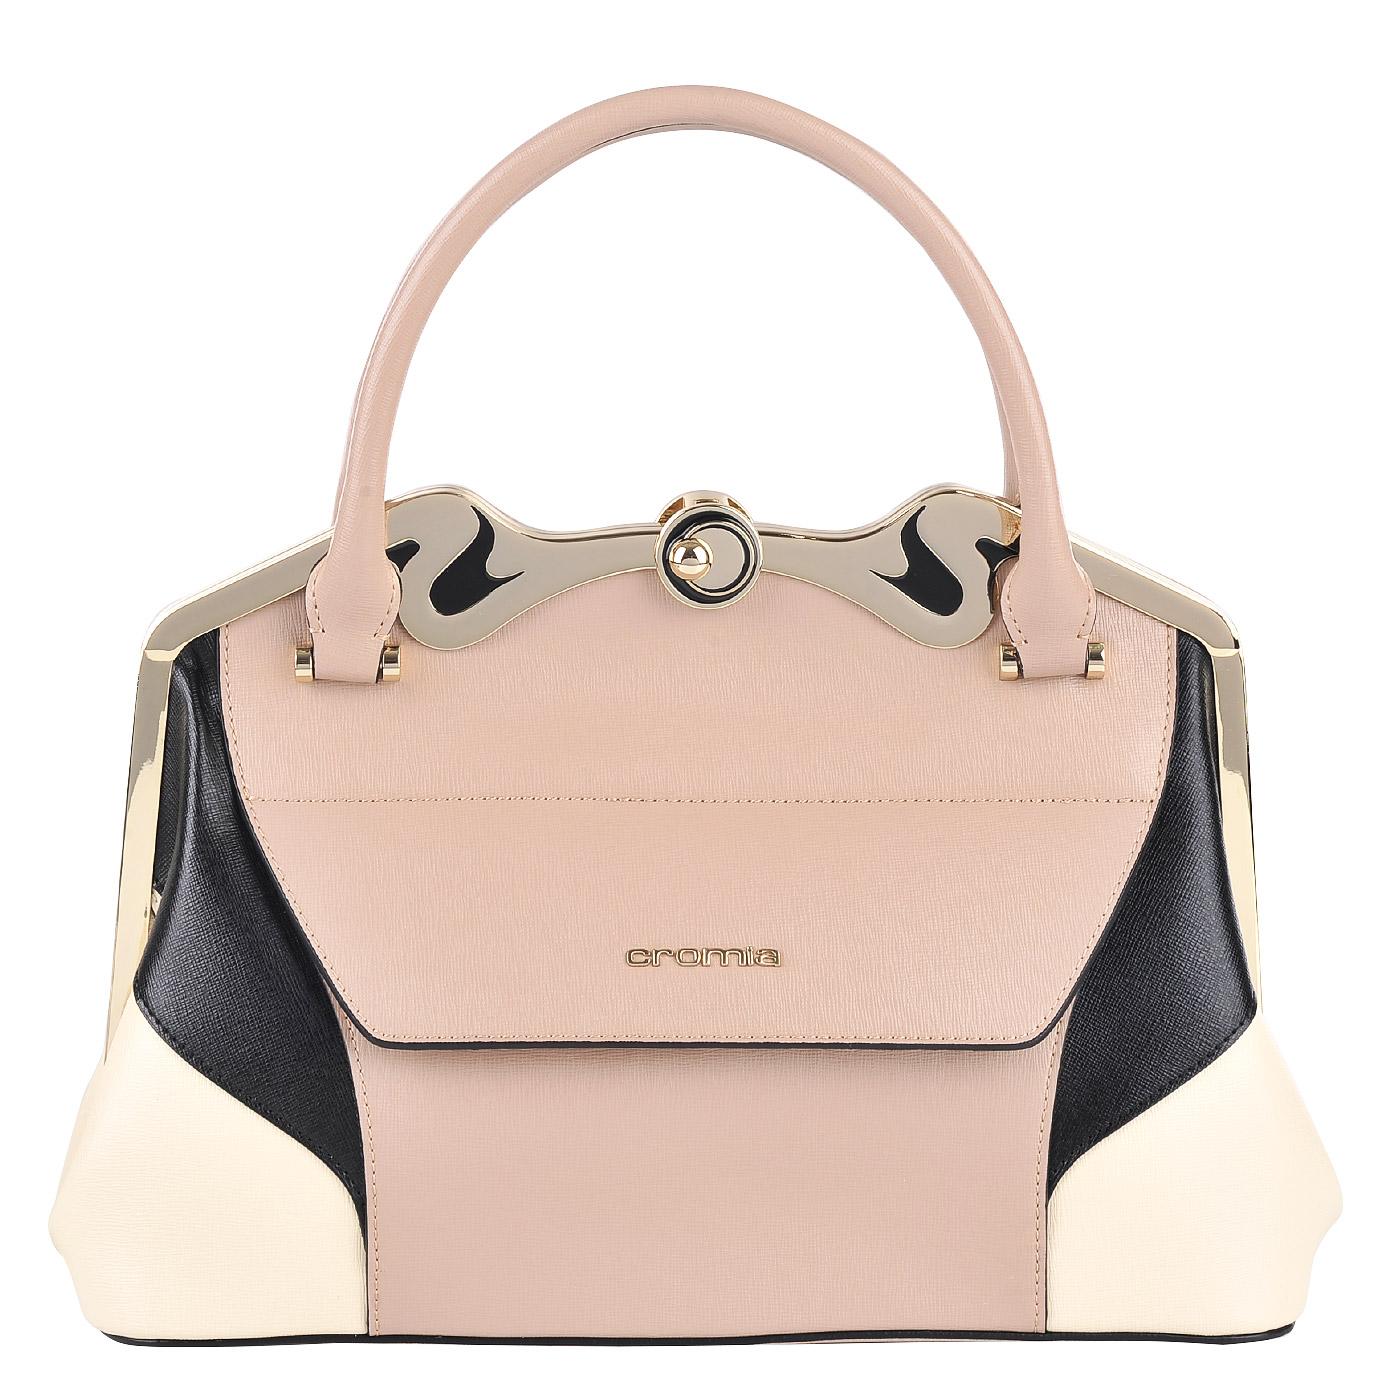 49cfa41ae730 Женская кожаная сумка Cromia Stella 1403206_sabbia/nero/beige ...